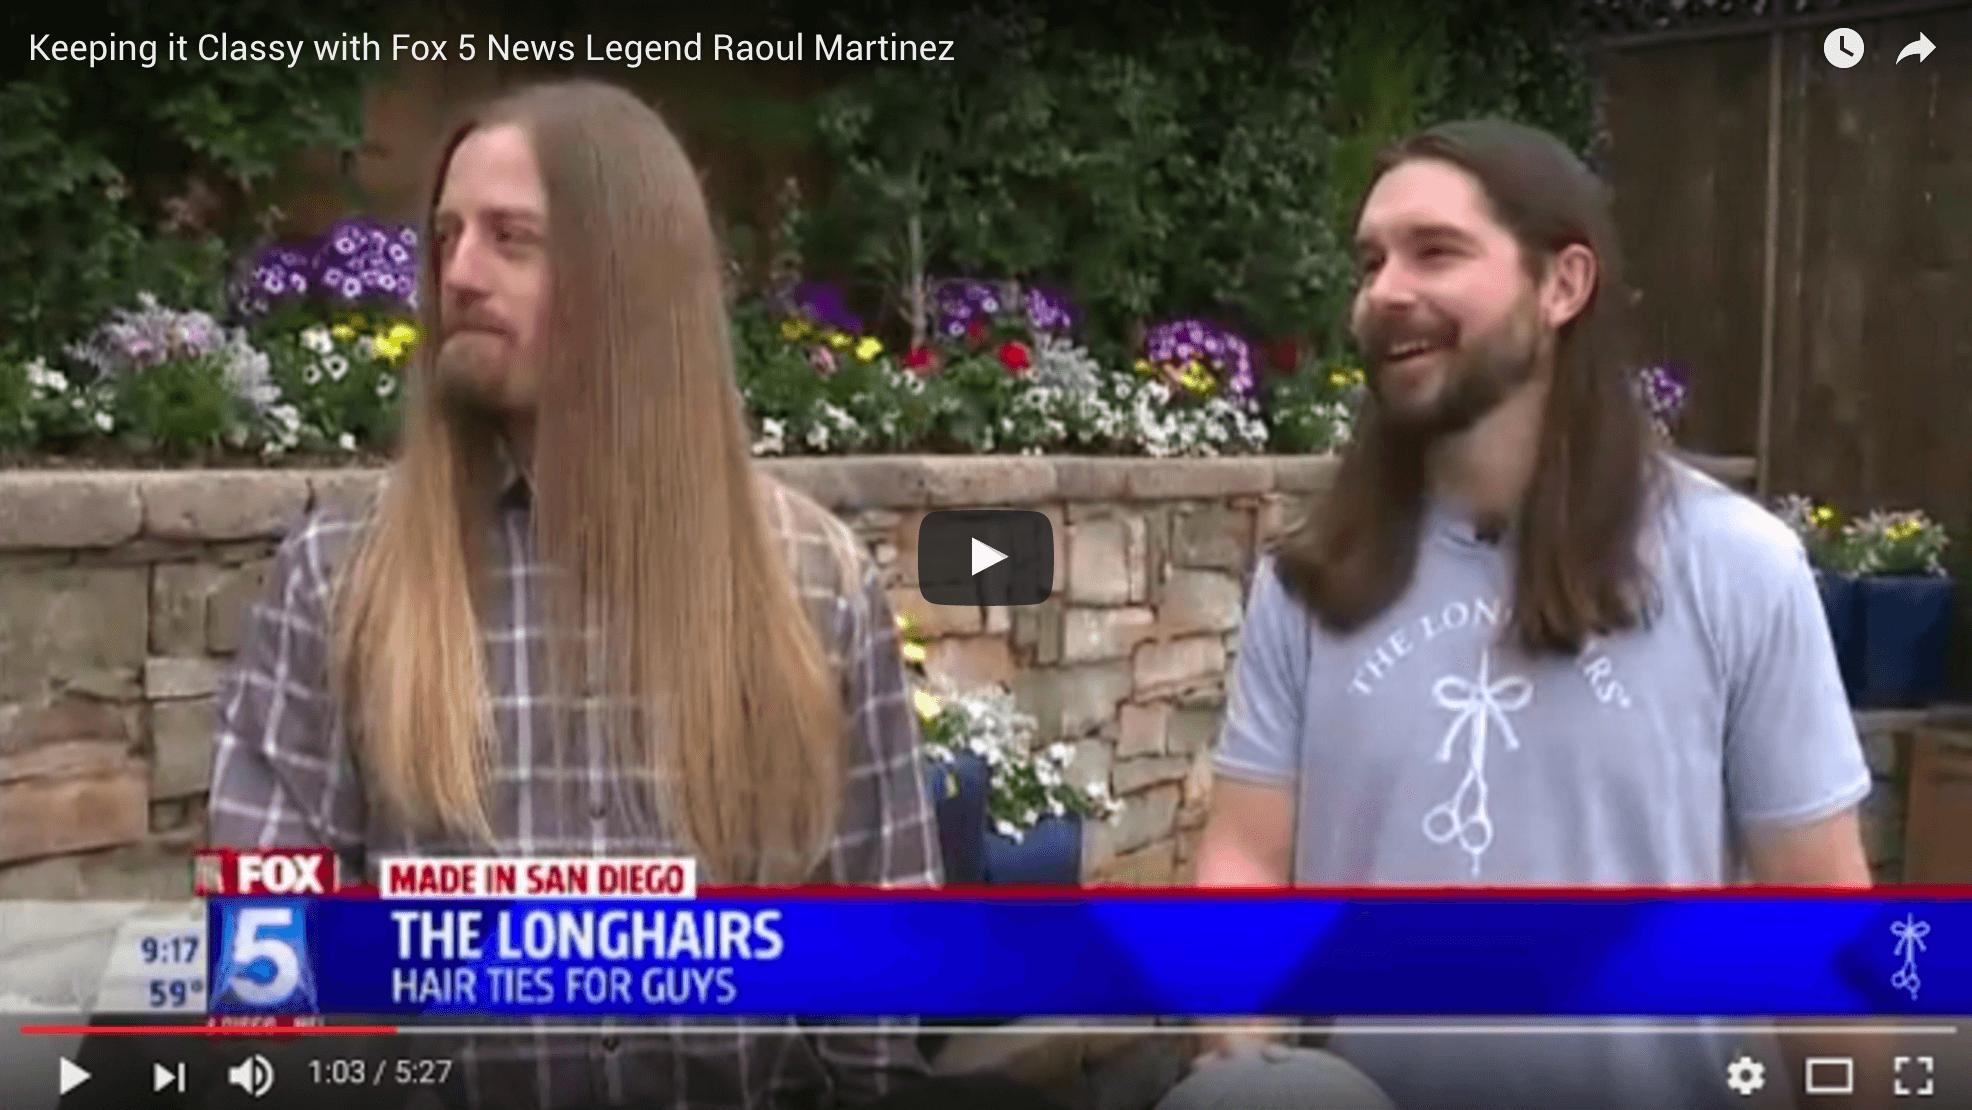 Live on FOX 5 San Diego - The Longhairs